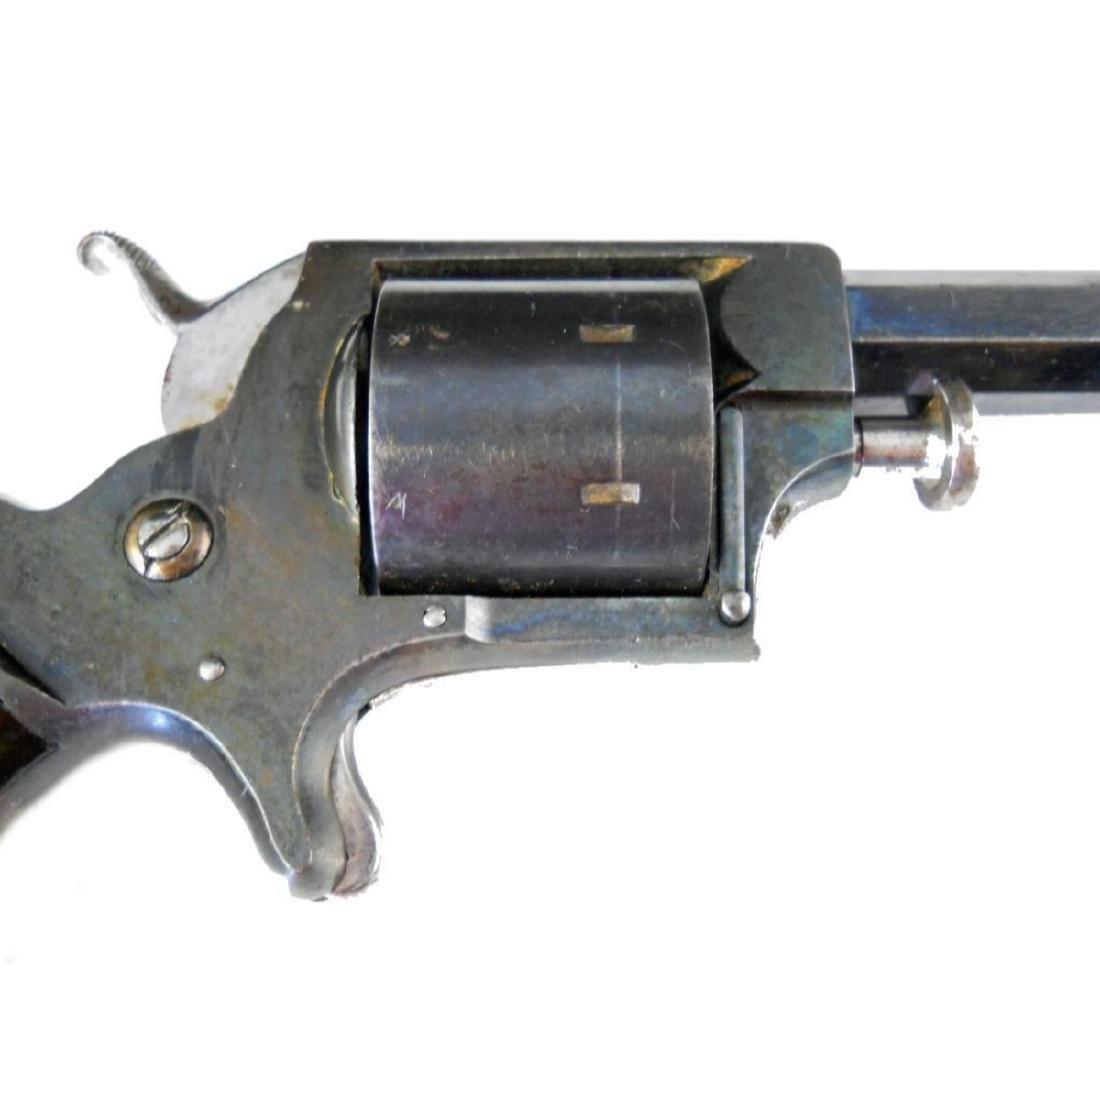 1863 Model Tranter's Patent Revolver - 6